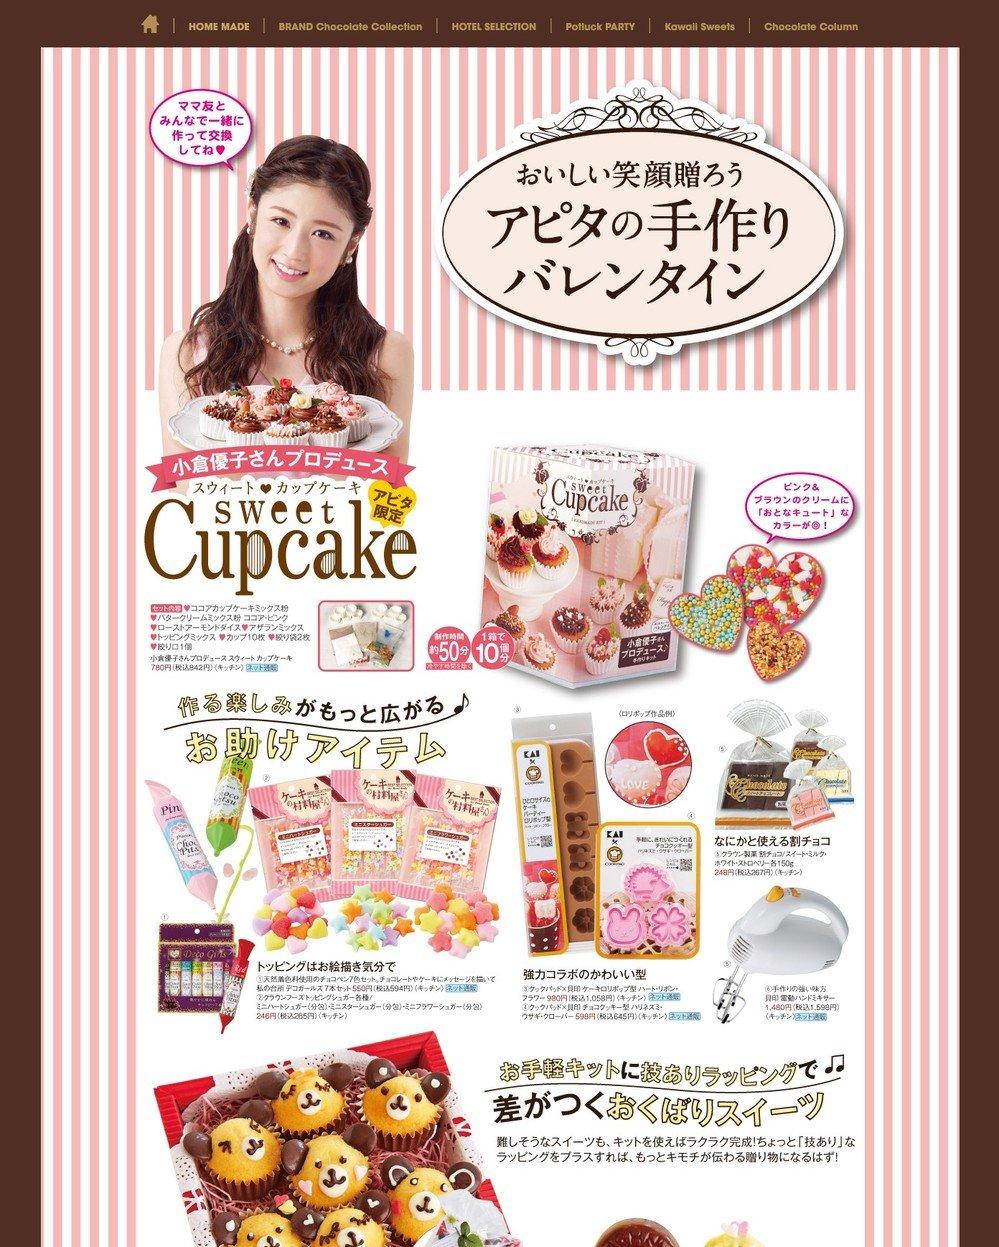 小倉優子プロデュースの「スウィート カップケーキ」手作りキット バレンタインに送ろう!